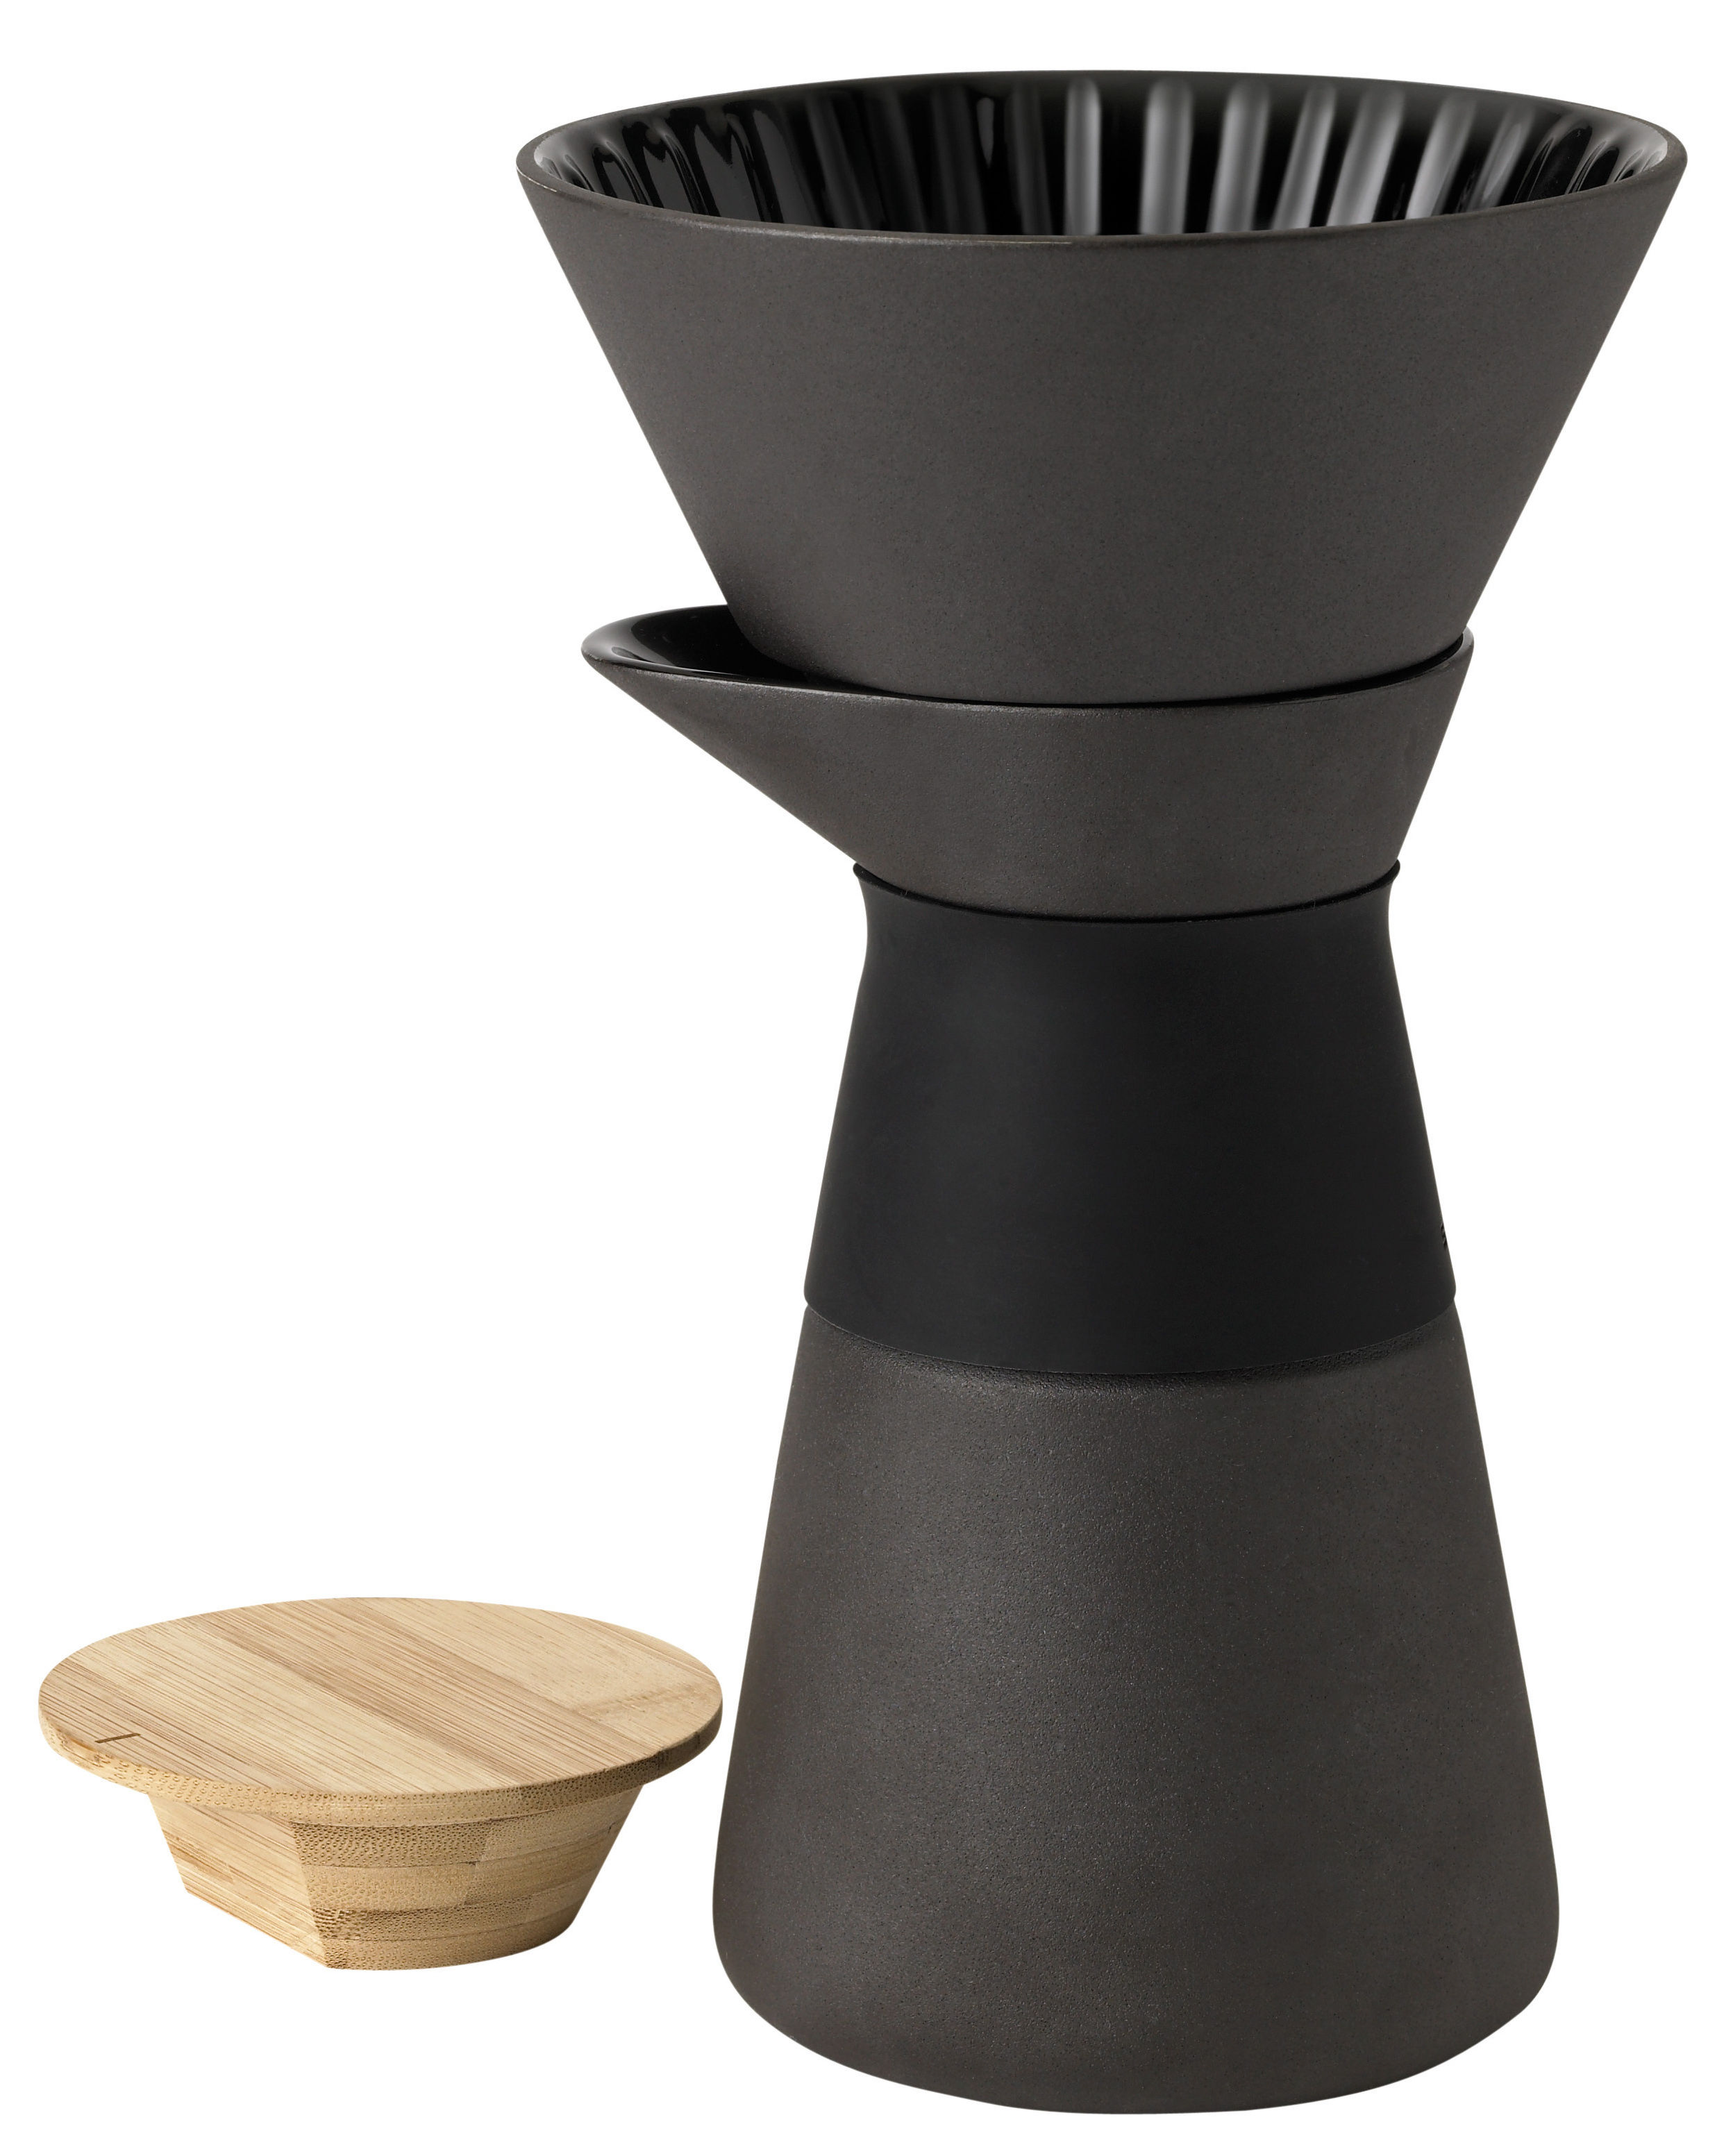 Tavola - Caffè - Caffettiera filtro Théo / 60 cl - Stelton - Nero / Legno naturale - Bambù, Gres, Silicone